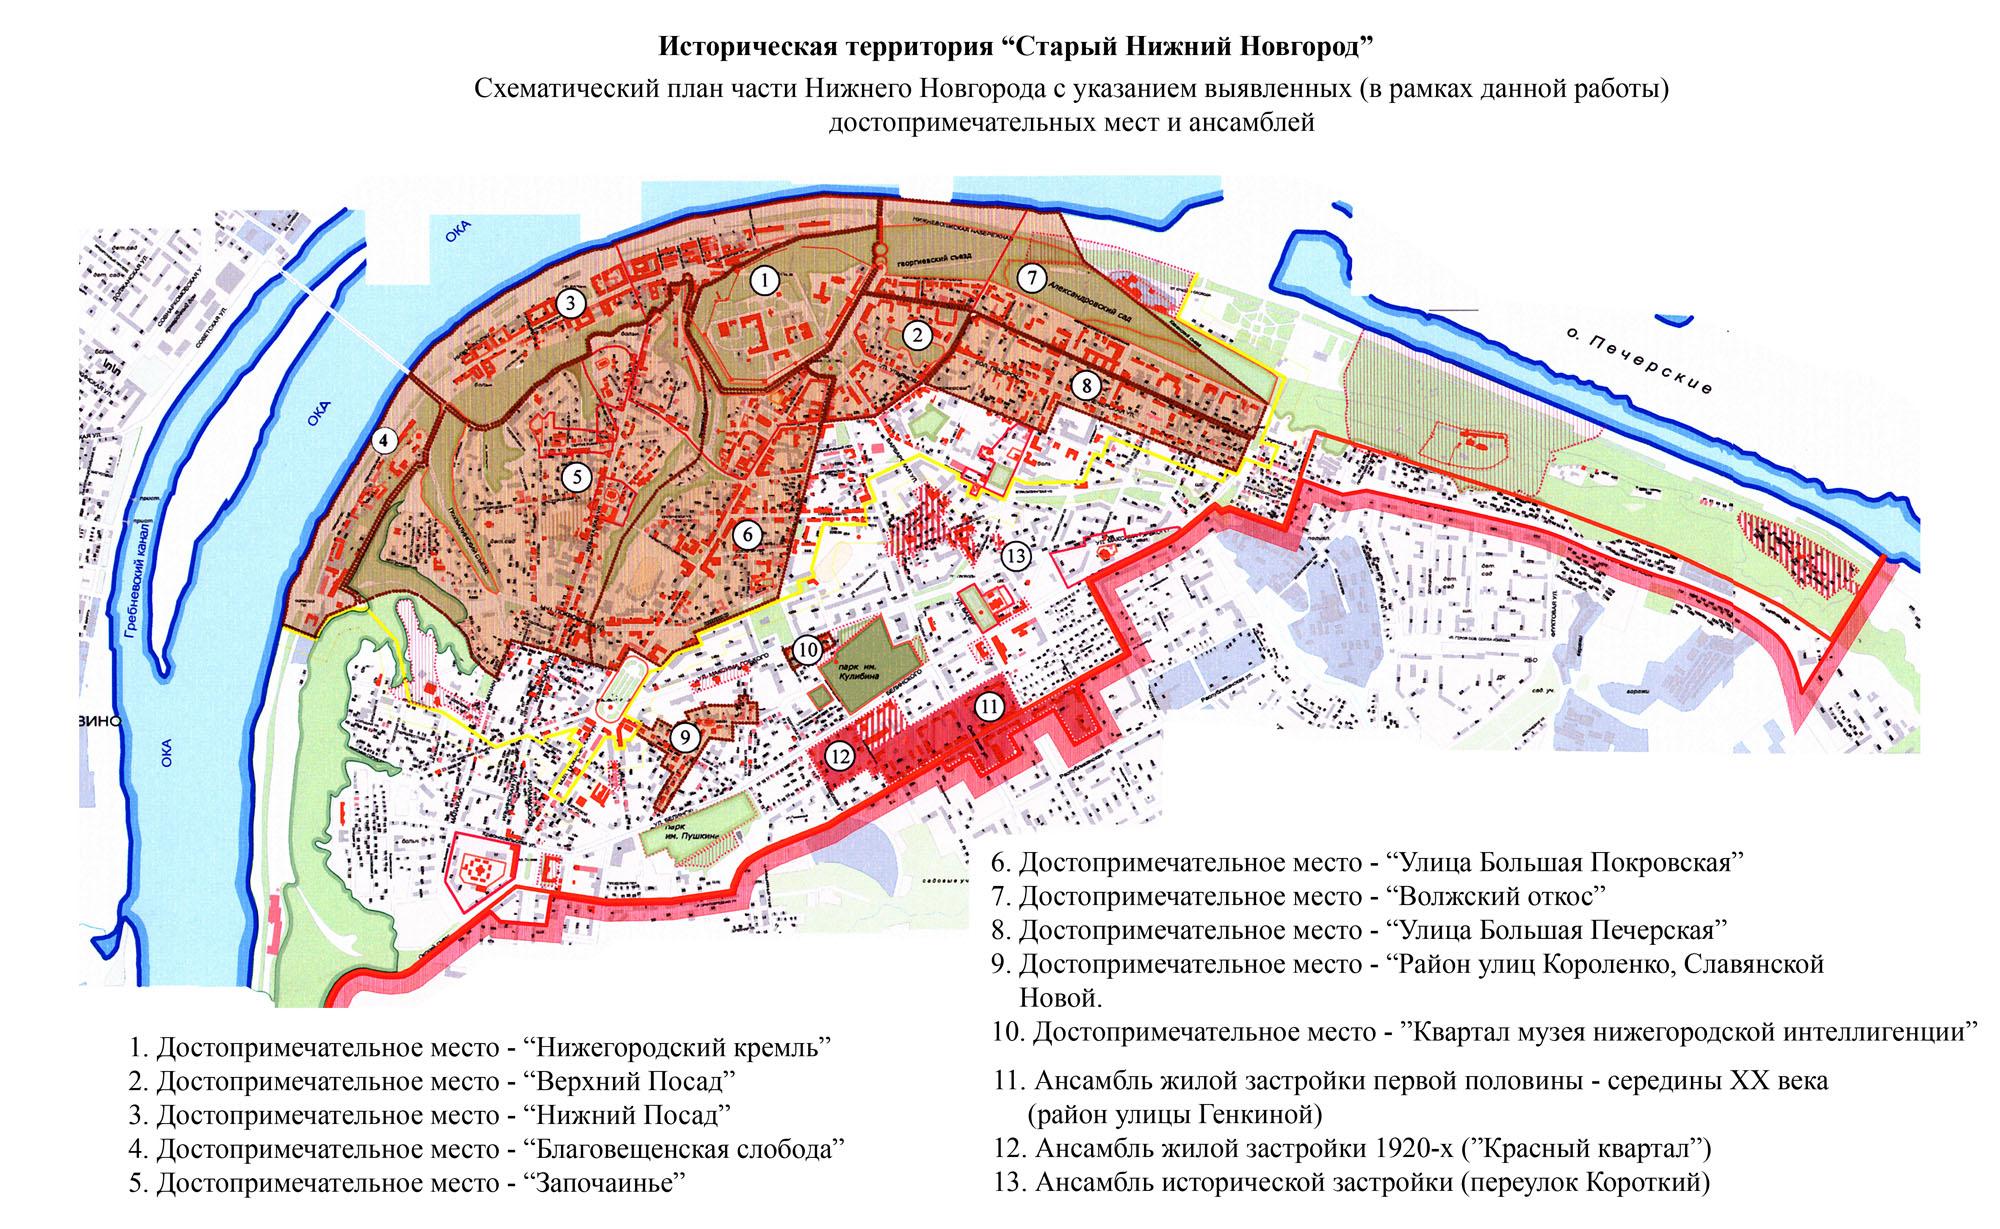 Карта исторической части Нижнего Новгорода: http://3darchaeology.3dn.ru/photo/9-0-44-3